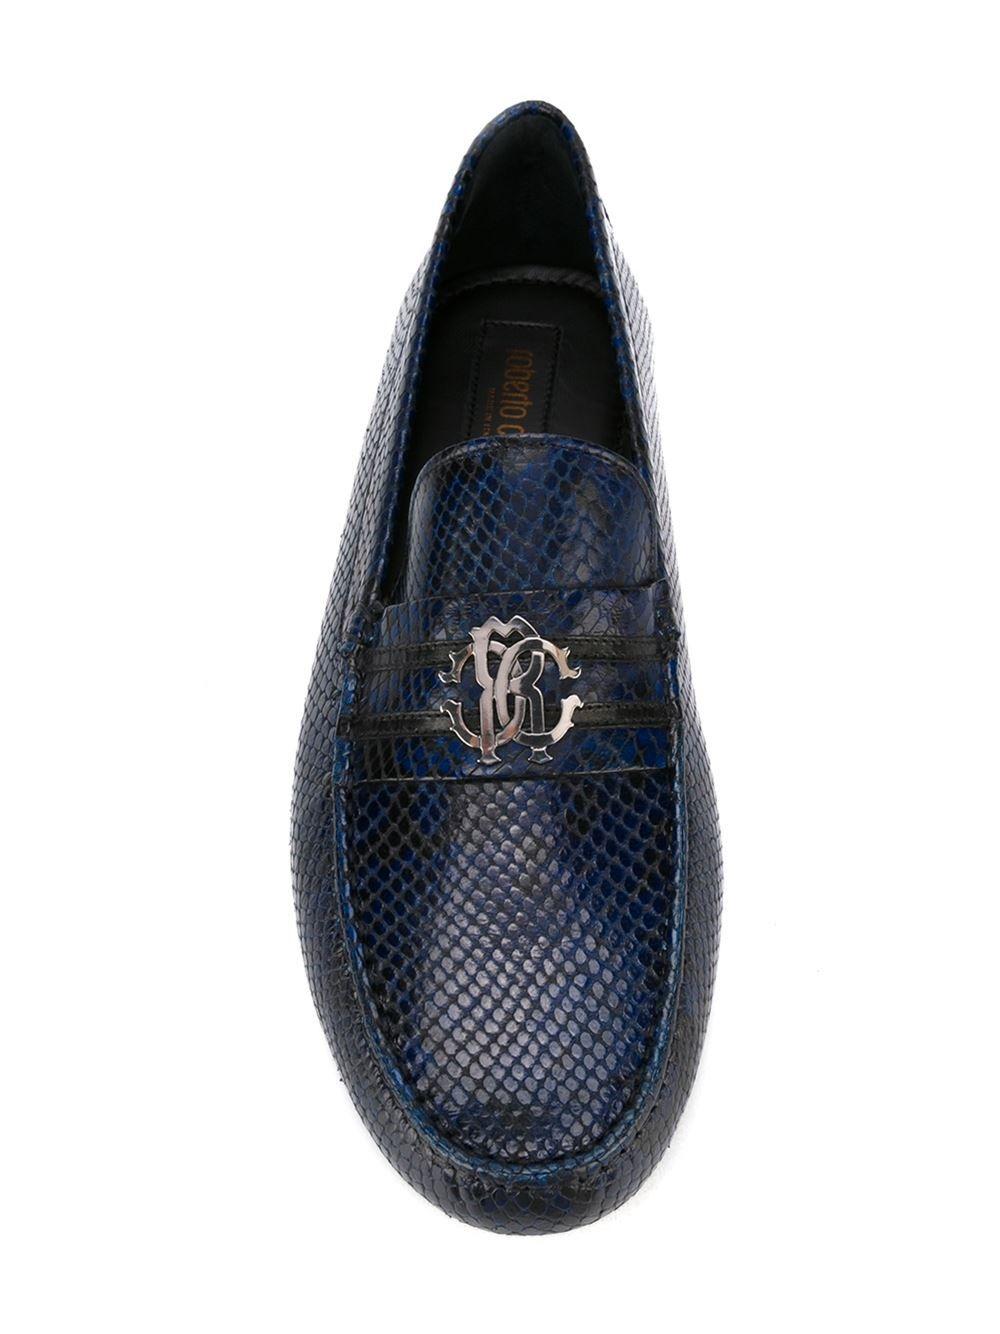 Roberto Cavalli snakeskin loafers  4f6af54970c